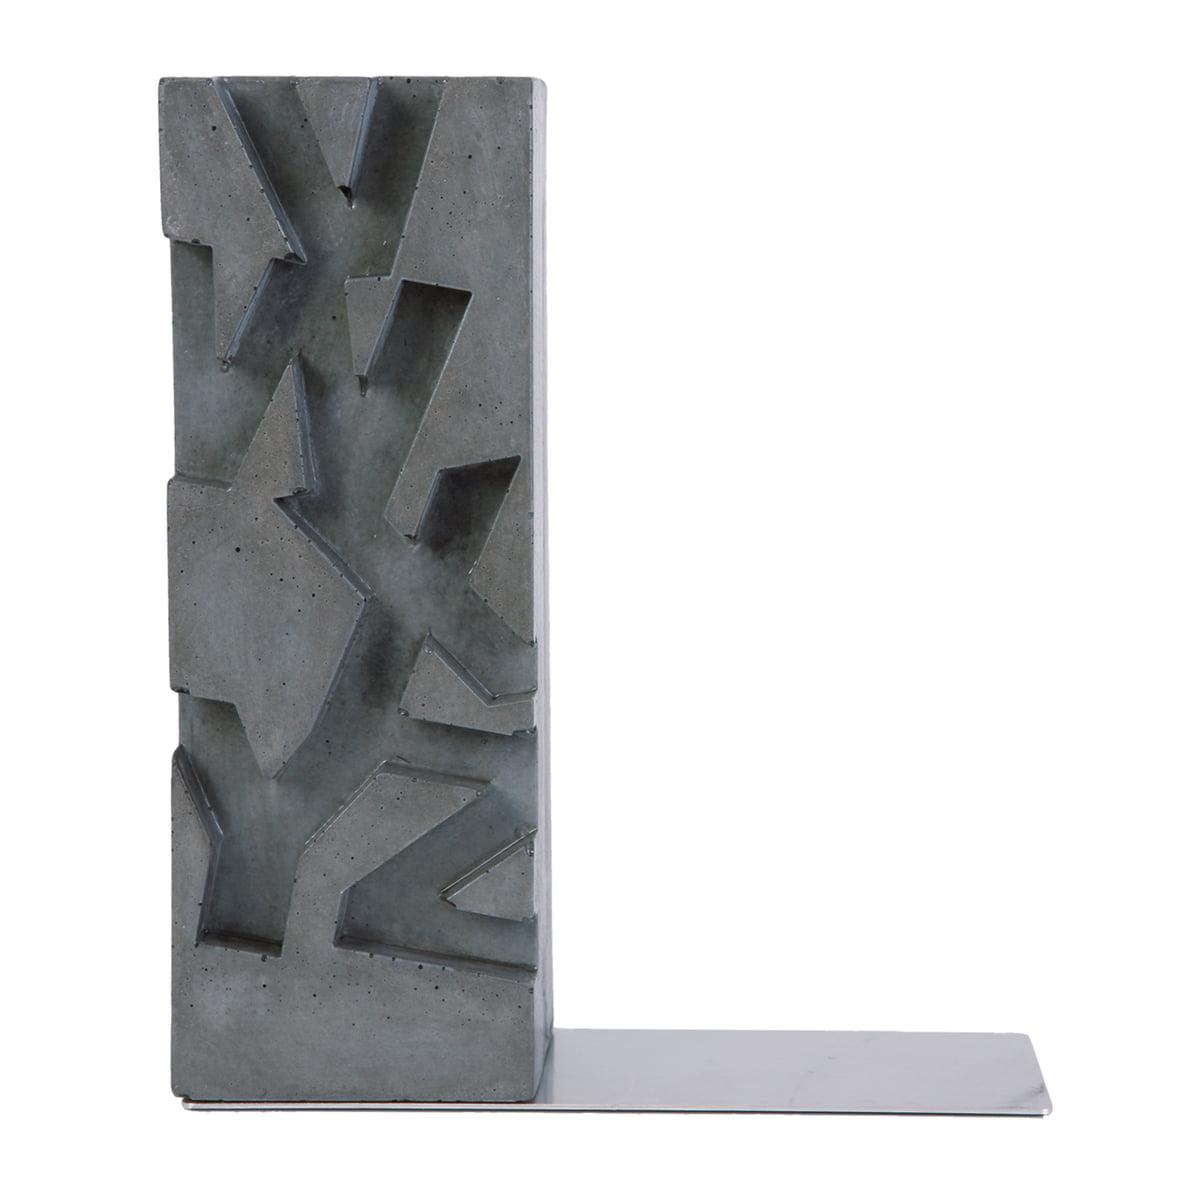 Korn Produkte - VWXYZ Buchstütze | Wohnzimmer > Regale > Hängeregale | Korn Produkte